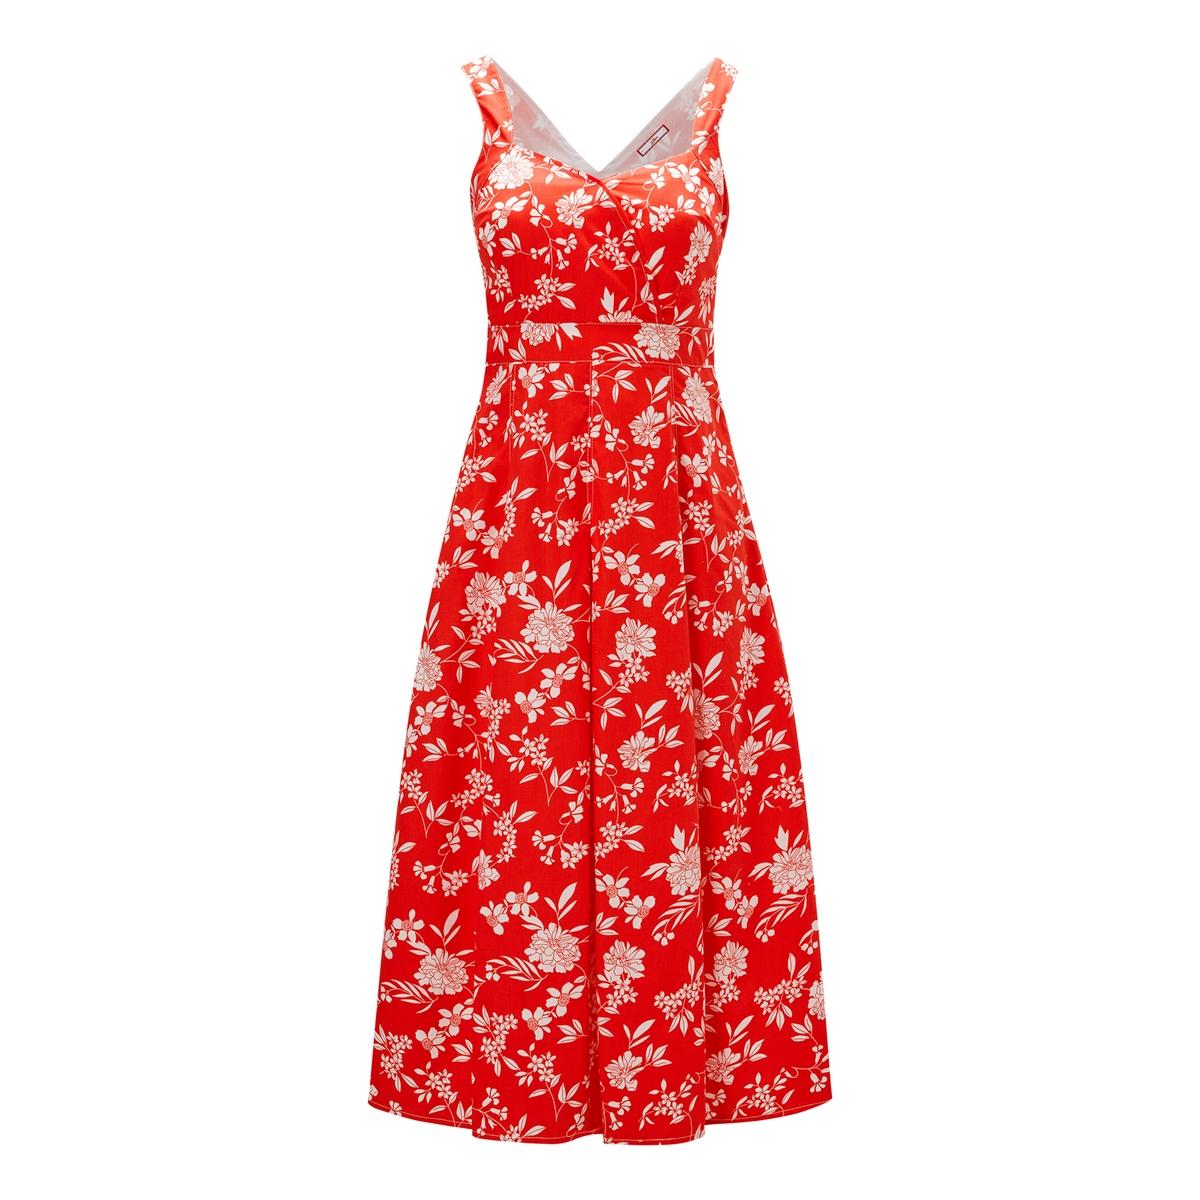 Платье La Redoute Расклешенное с цветочным рисунком на бретелях 36 (FR) - 42 (RUS) красный платье la redoute короткое расклешенное с анималистическим рисунком 36 fr 42 rus синий